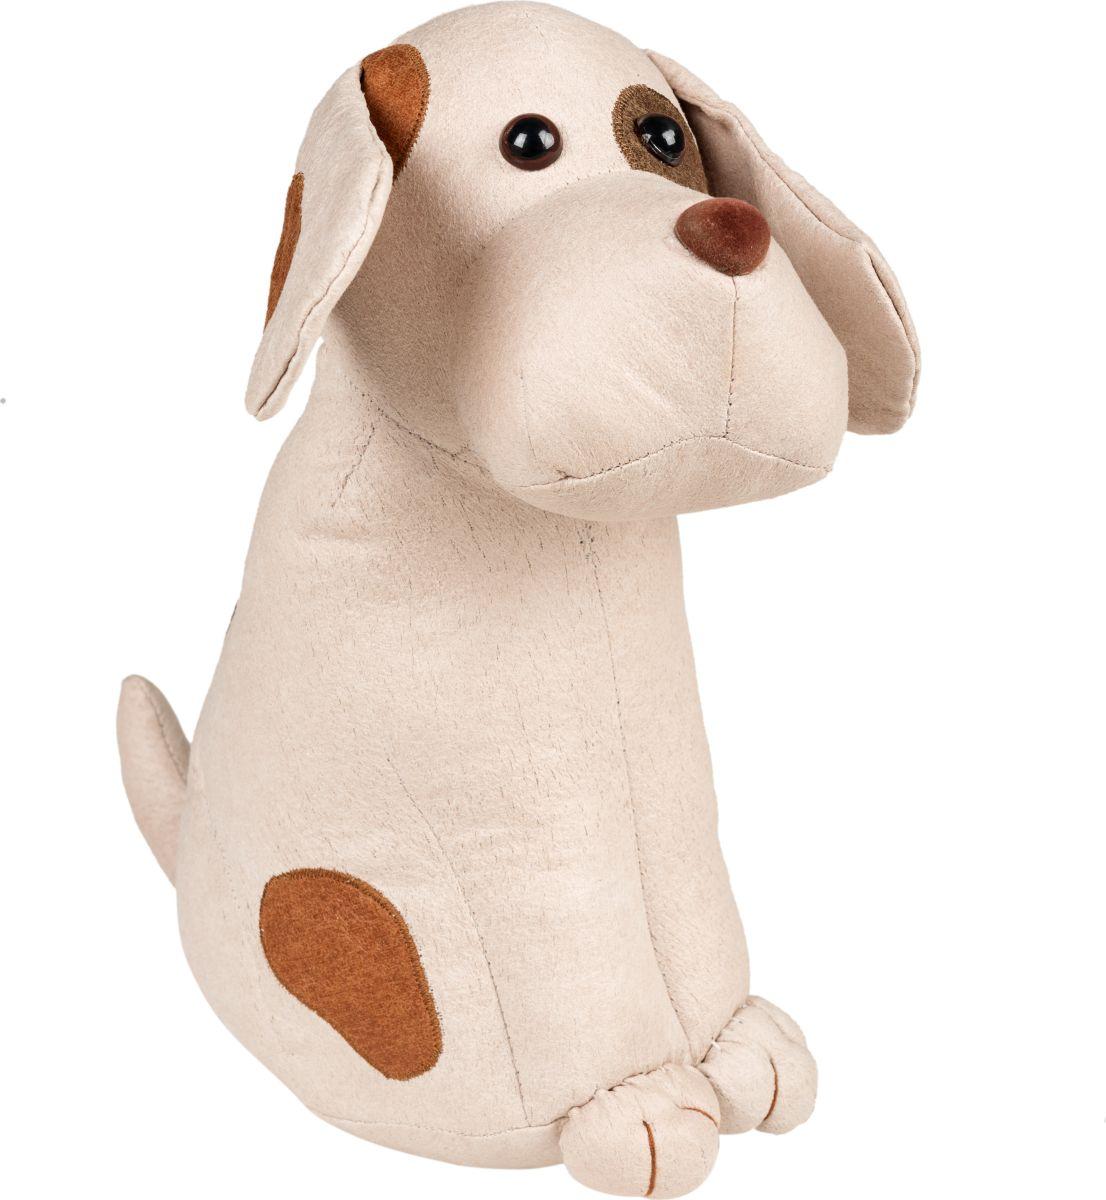 Фигурка-стоппер интерьерная Estro ЩенокТ15075Интерьерная игрушка ESTRO ручной работы - это тепло, подаренное мастером. Щенок интерьерный, стоппер